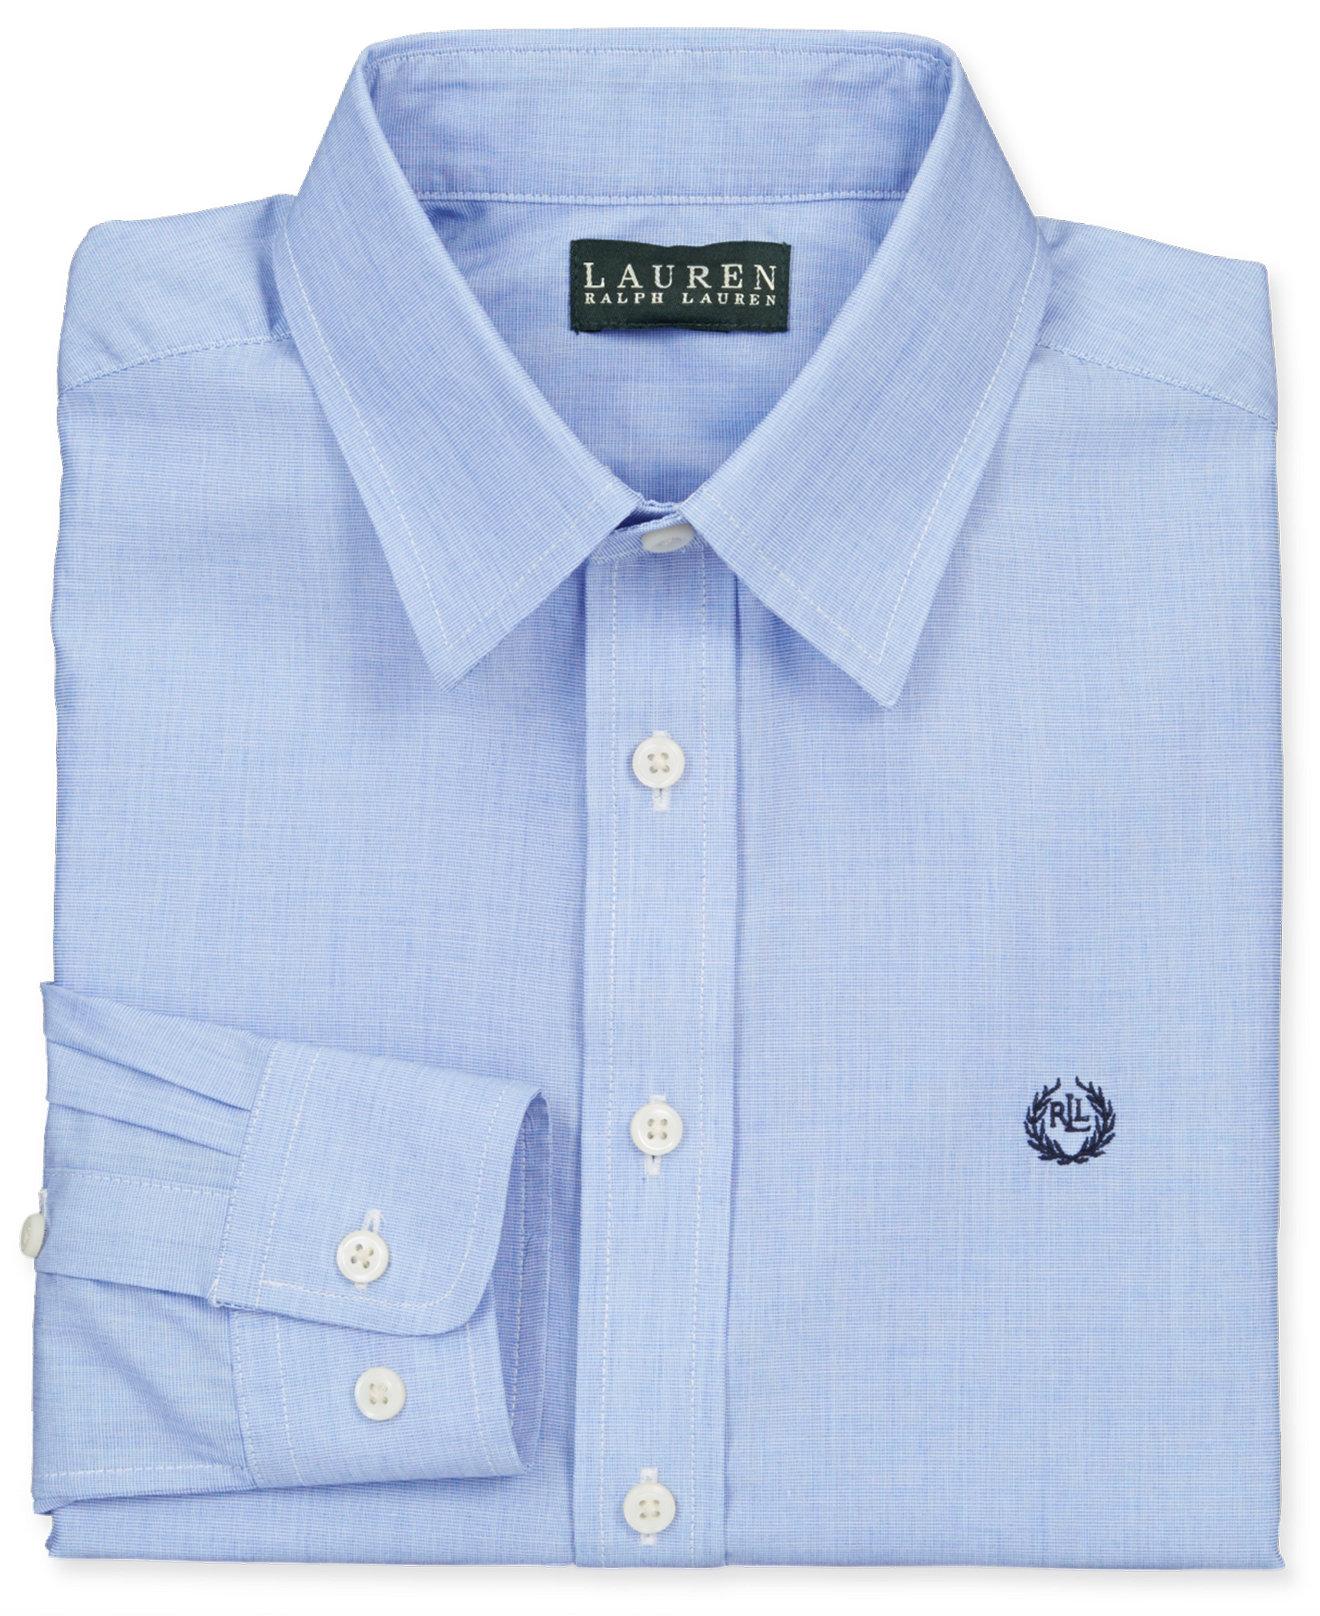 Рубашка детская Polo ralph lauren 2014 POLO L. lauren ralph lauren new rose quilted shawl collar wrap robe l $69 dbfl